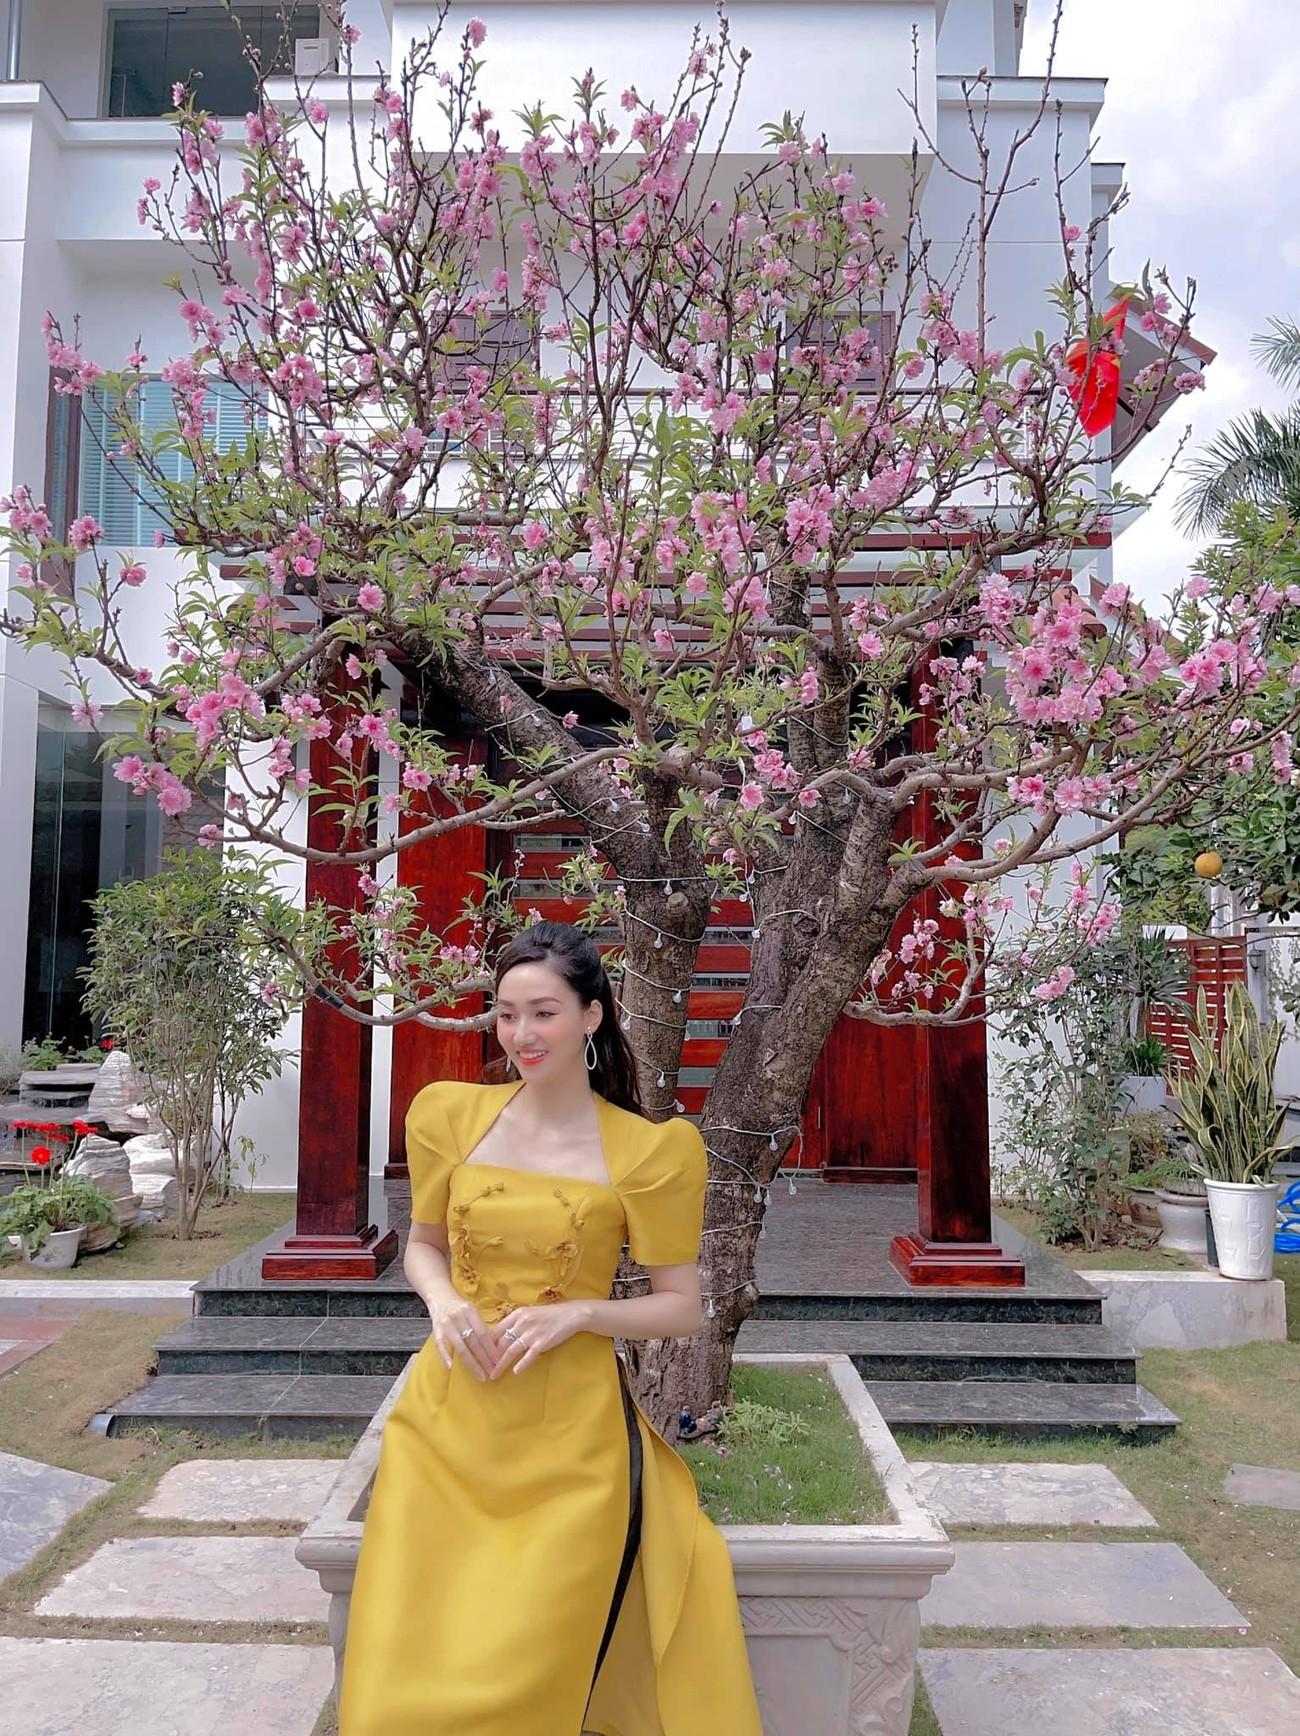 Hoa hậu Tiểu Vy khoe ảnh mẹ diện áo dài ngày mùng 1 Tết, fans trầm trồ vì nhan sắc trẻ đẹp ảnh 17